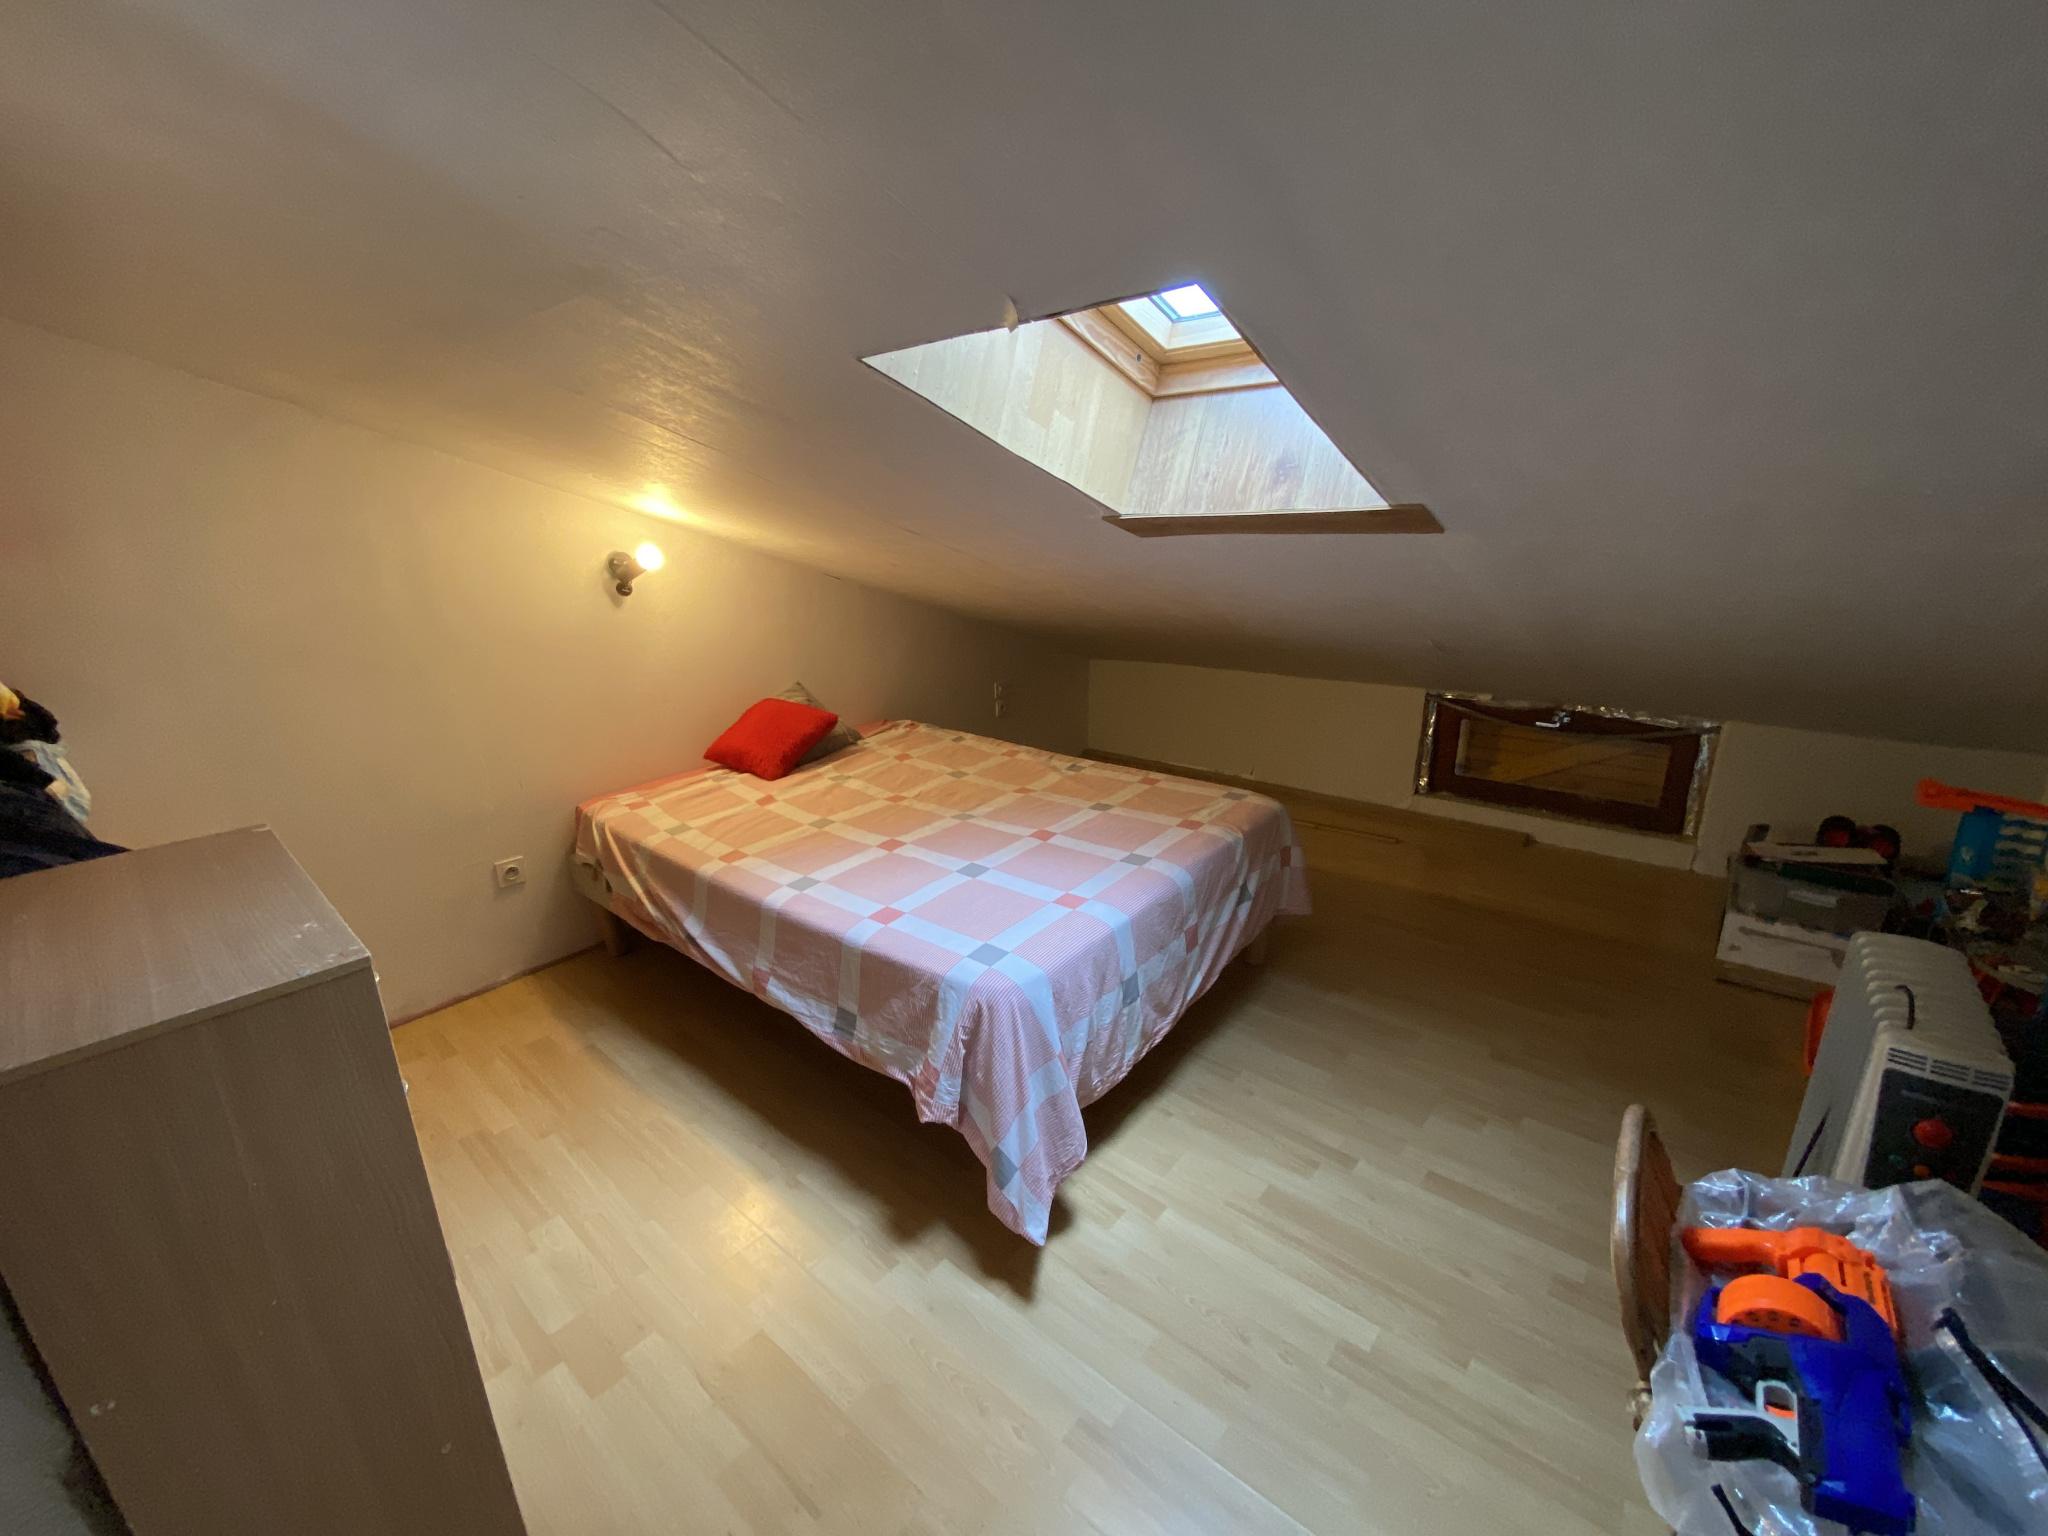 À vendre maison/villa de 90m2 à st genis des fontaines (66740) - Photo 14'